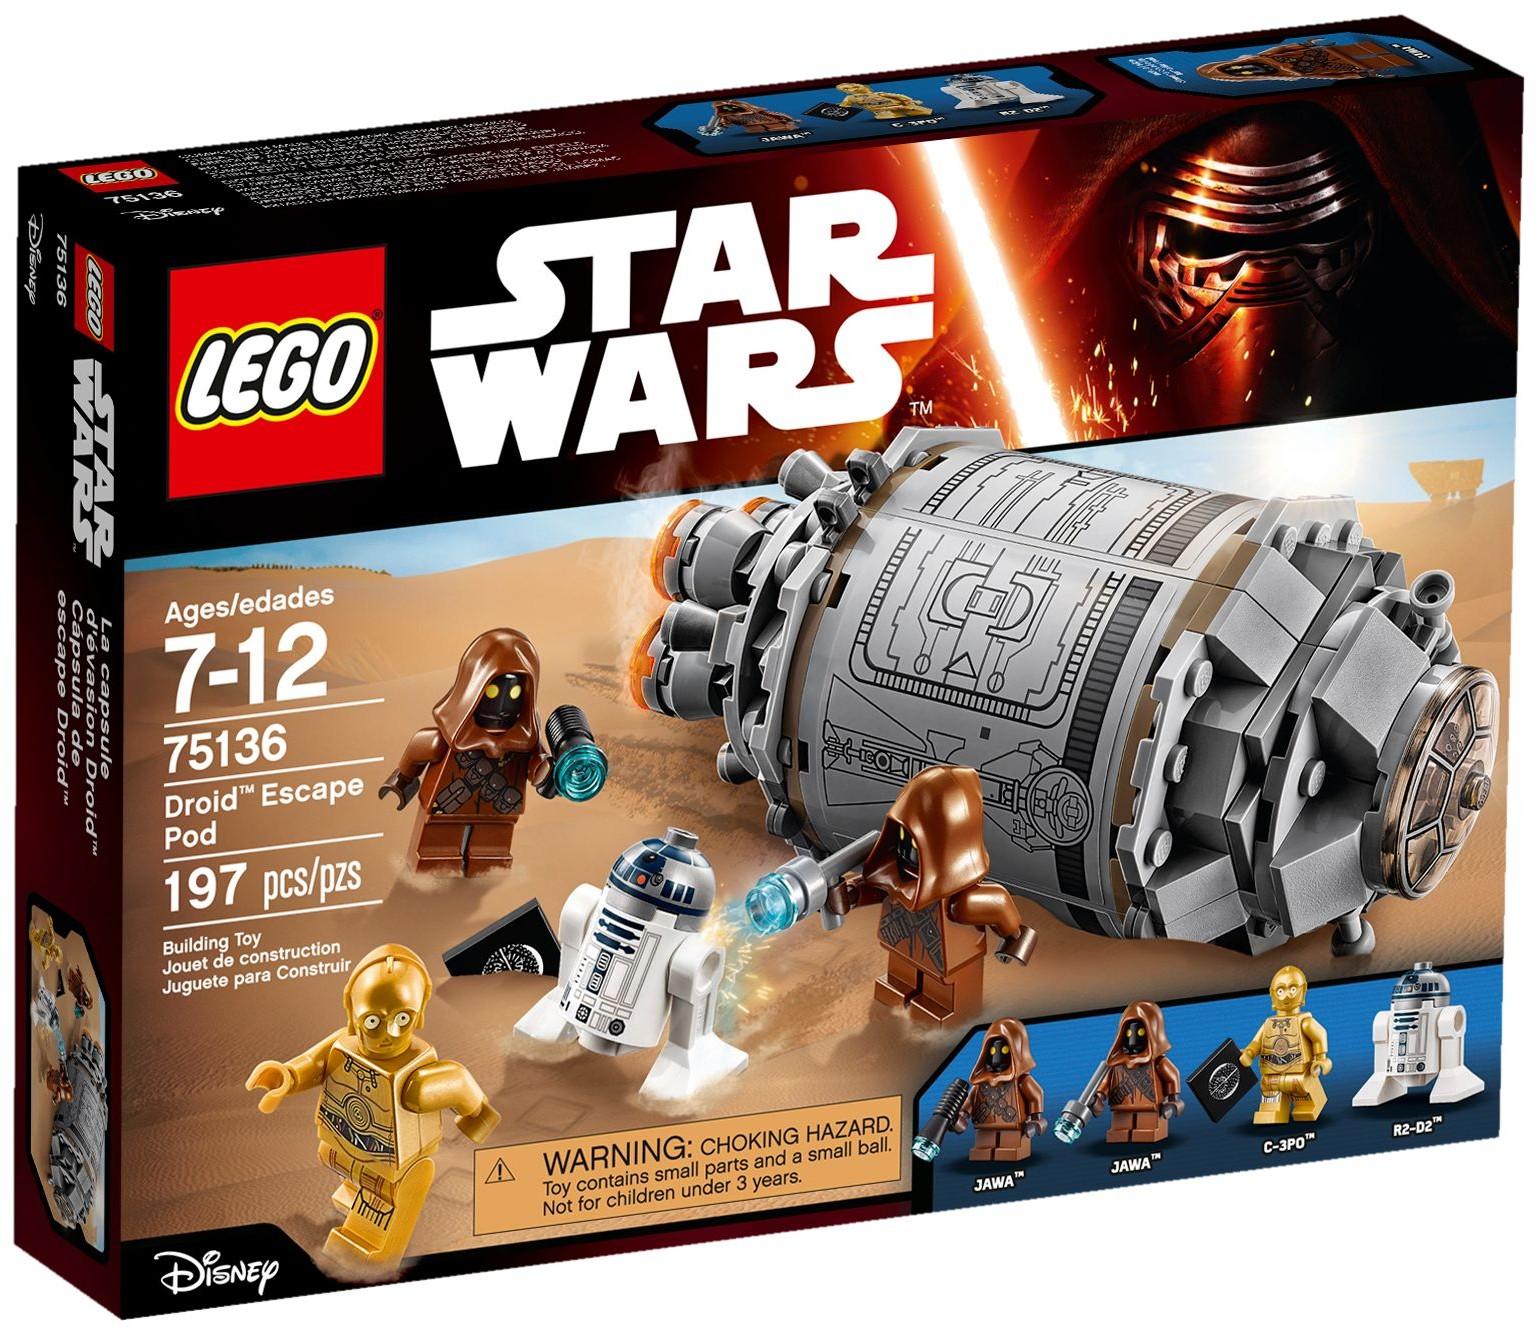 Đồ Chơi Xếp Hình - Khoang Chứa Trốn Thoát Của Rôbôt Thương Hiệu LEGO